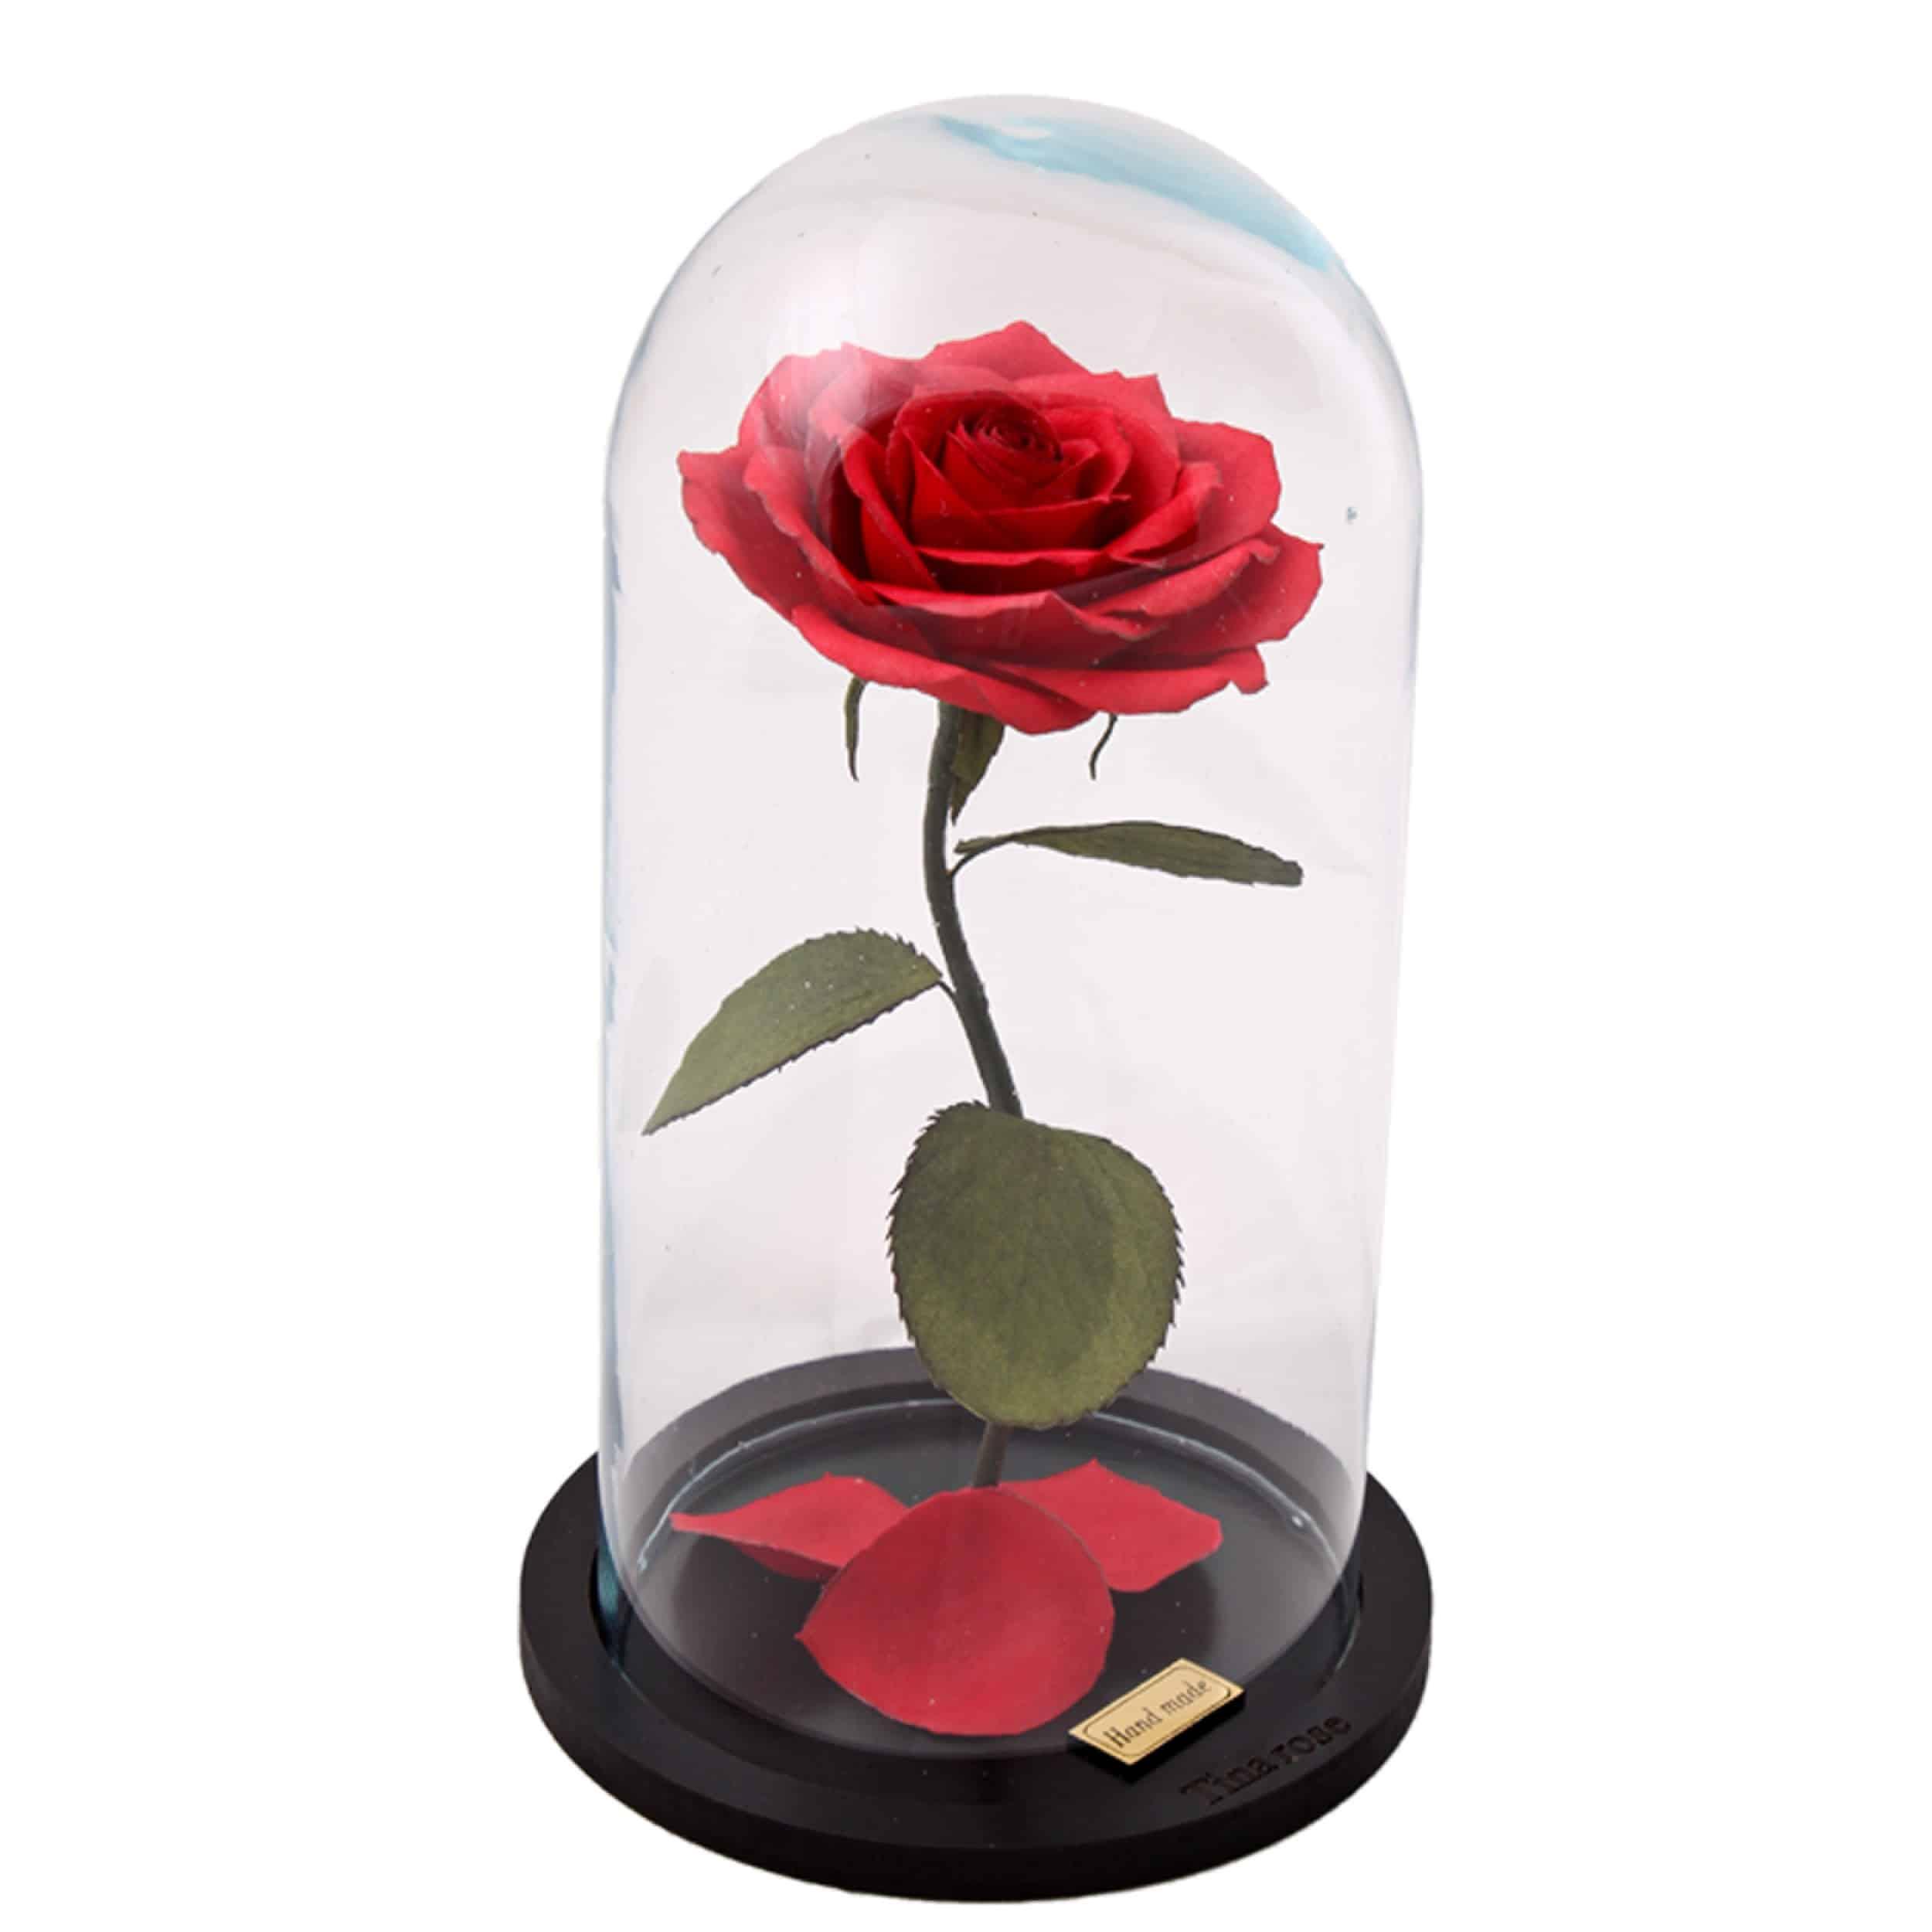 با گل مصنوعی خانه را تزیین کنیم